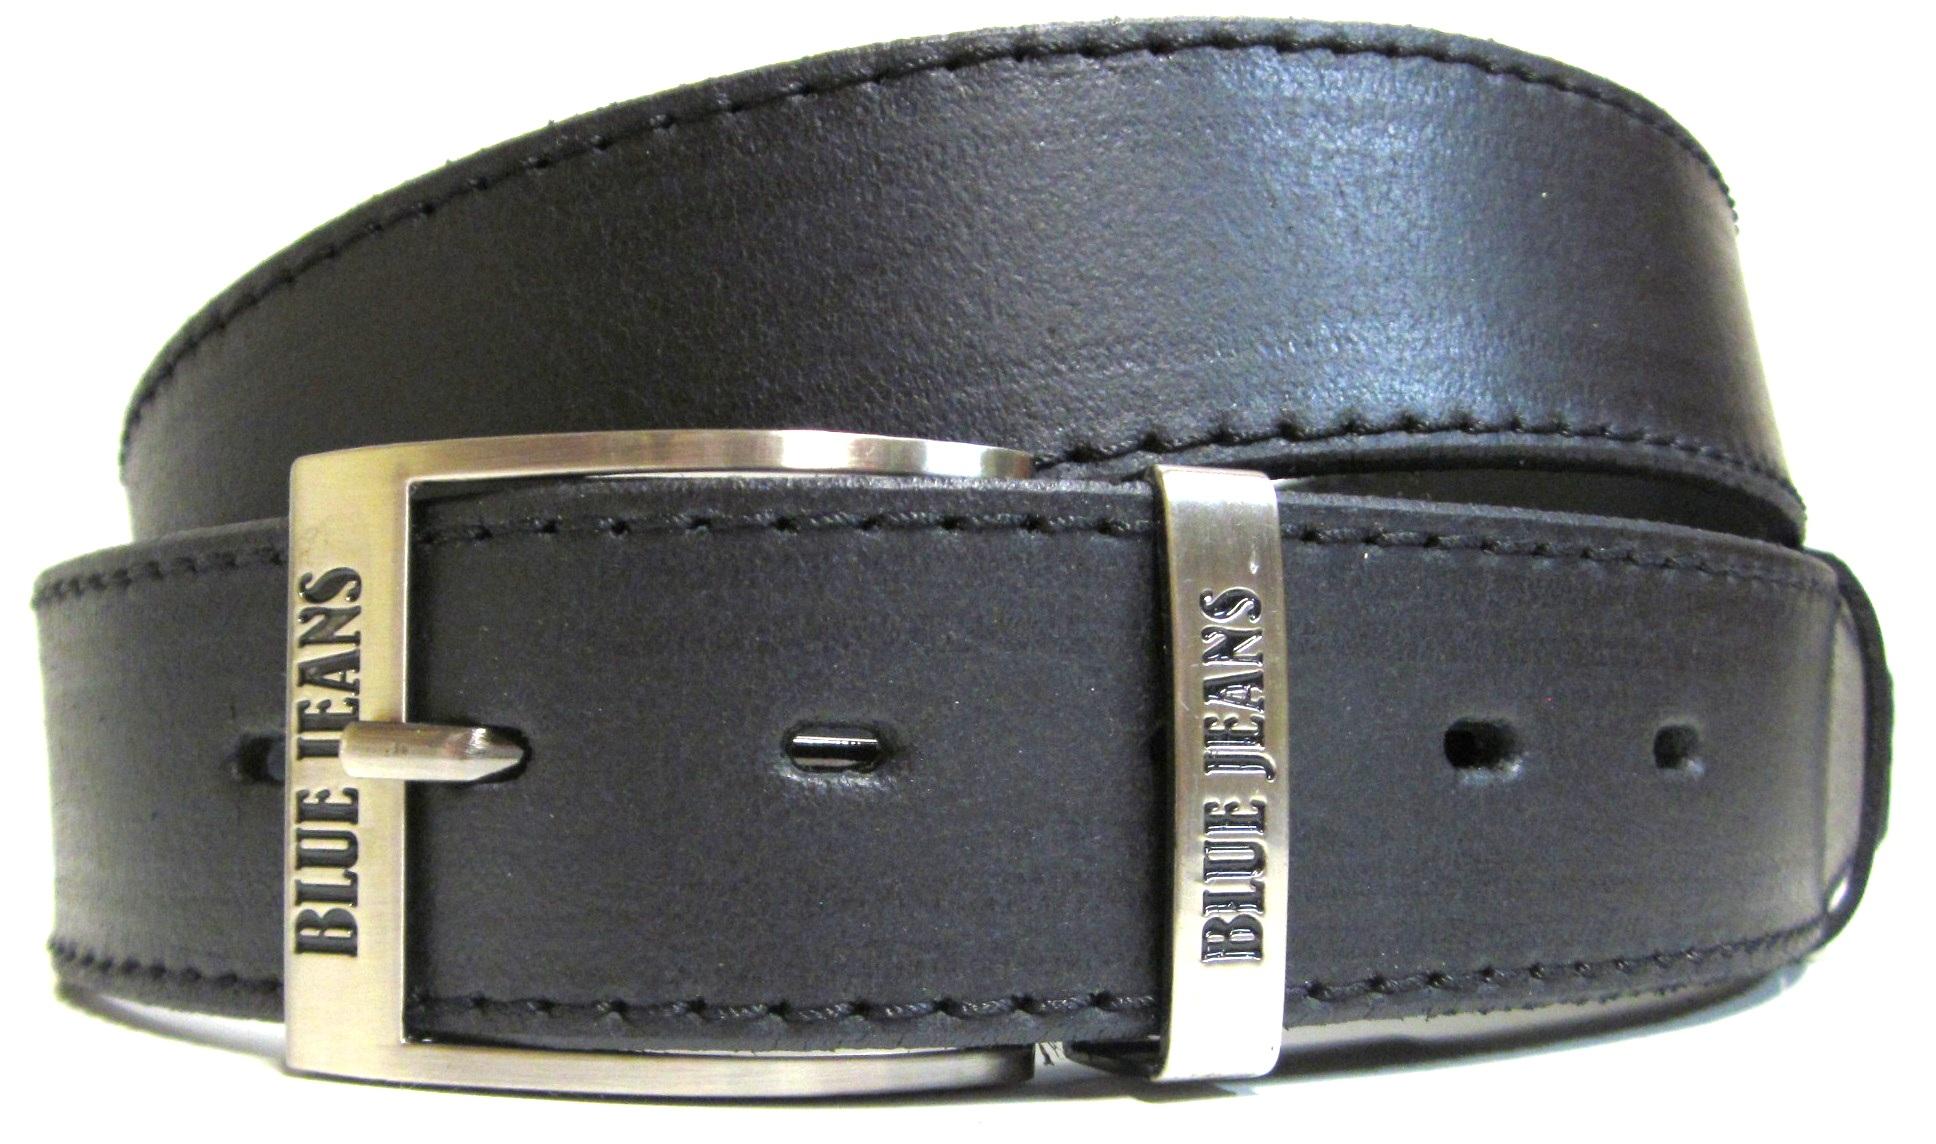 a5117e0e0fb5 Opasok kožený - pánsky opasok čierny s jeans prackou